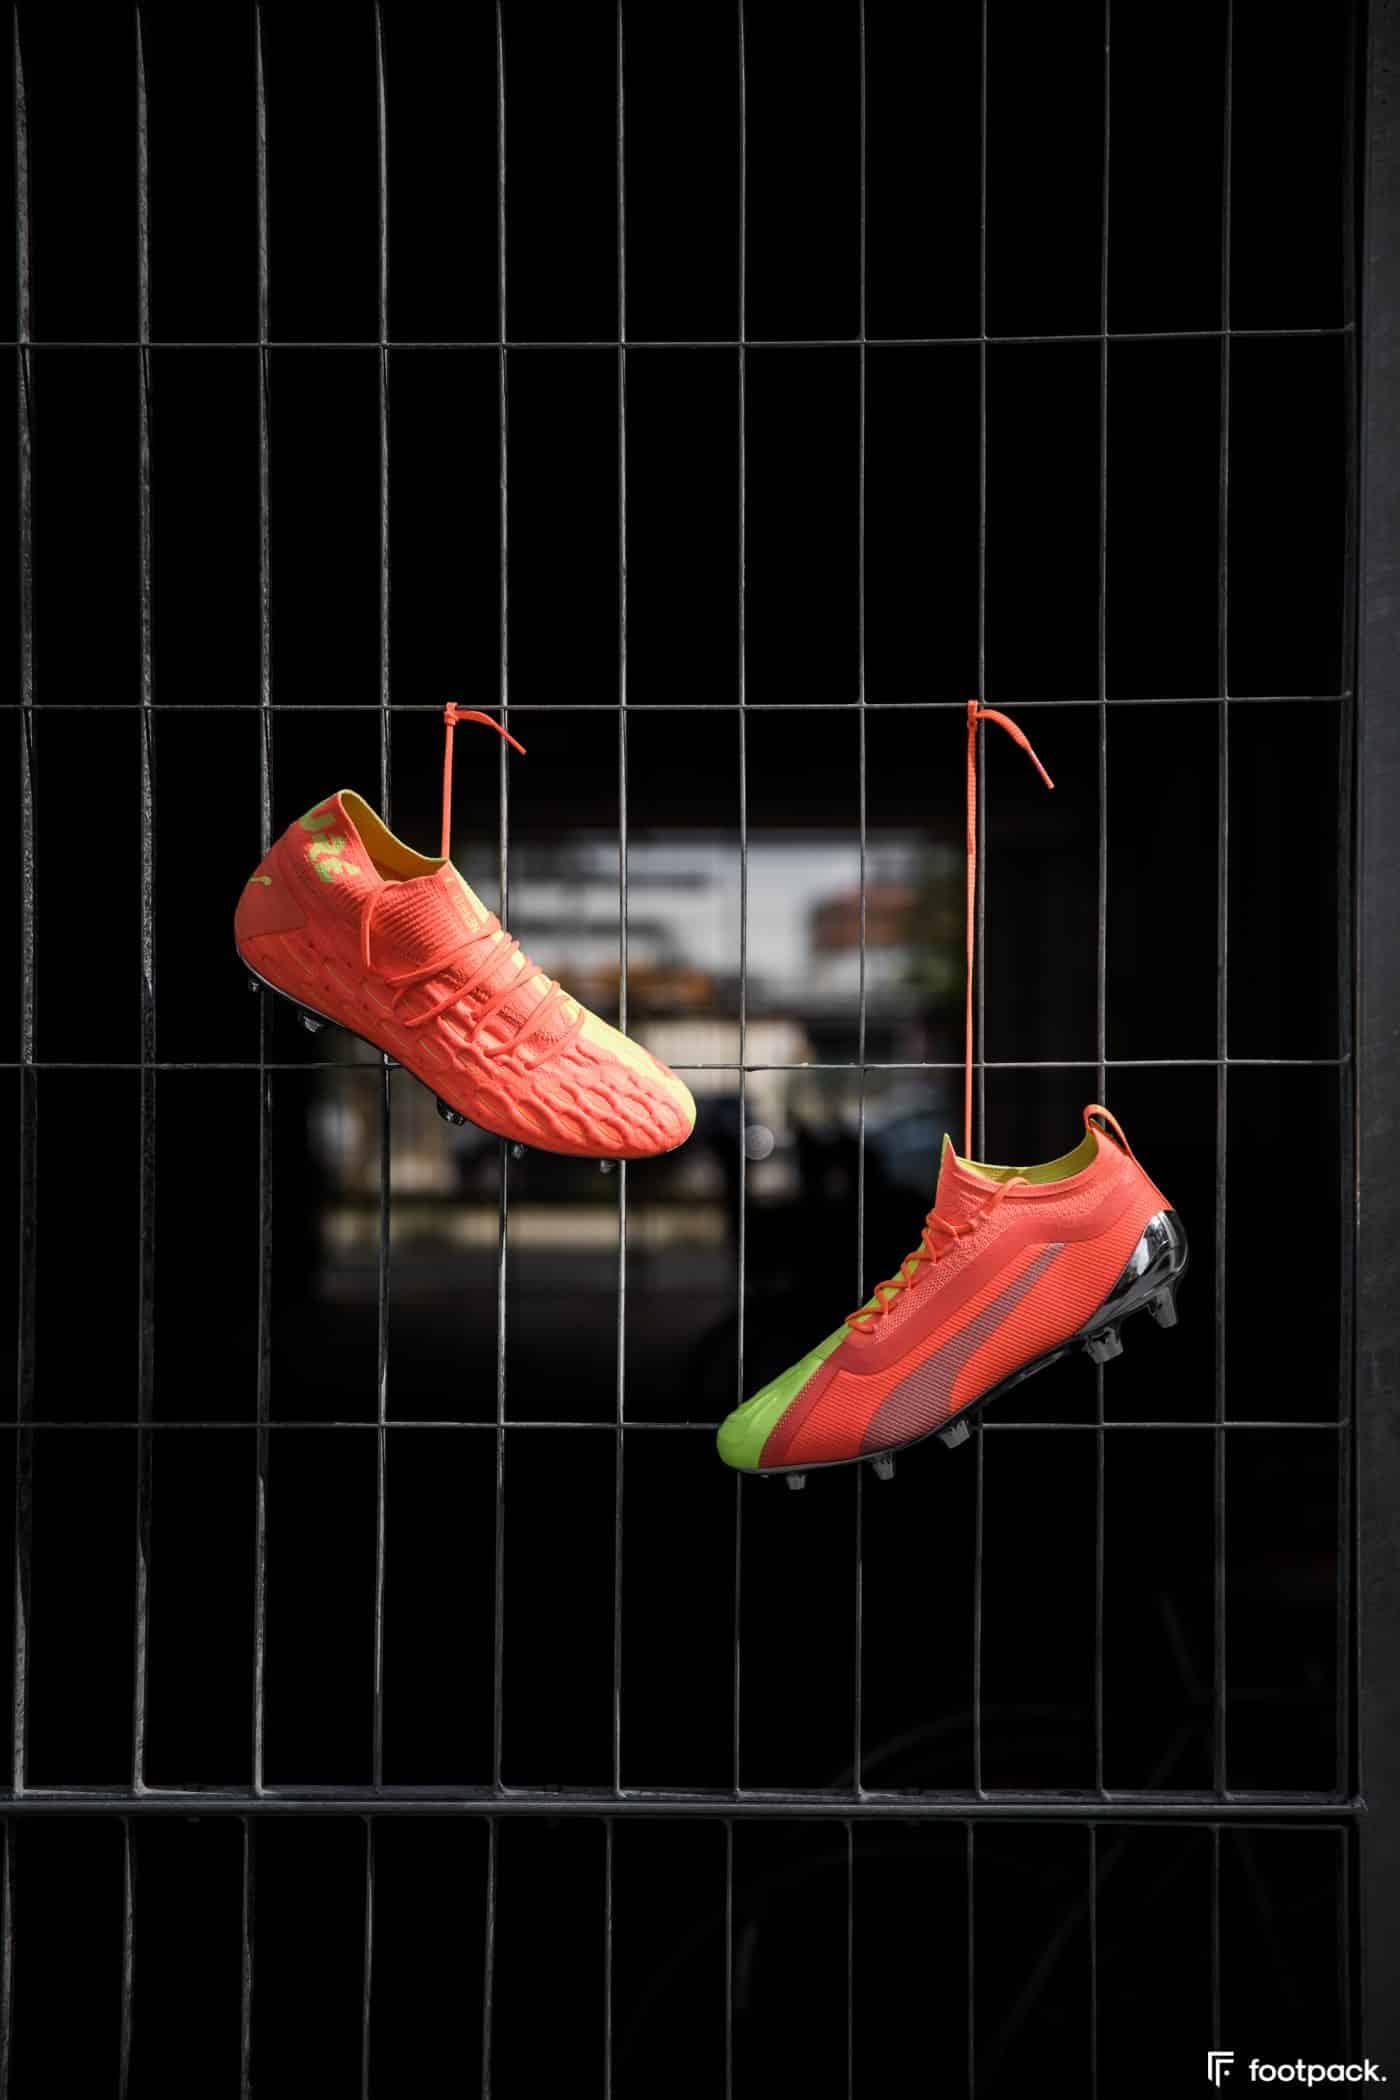 puma-one-future-rise-footpack-1